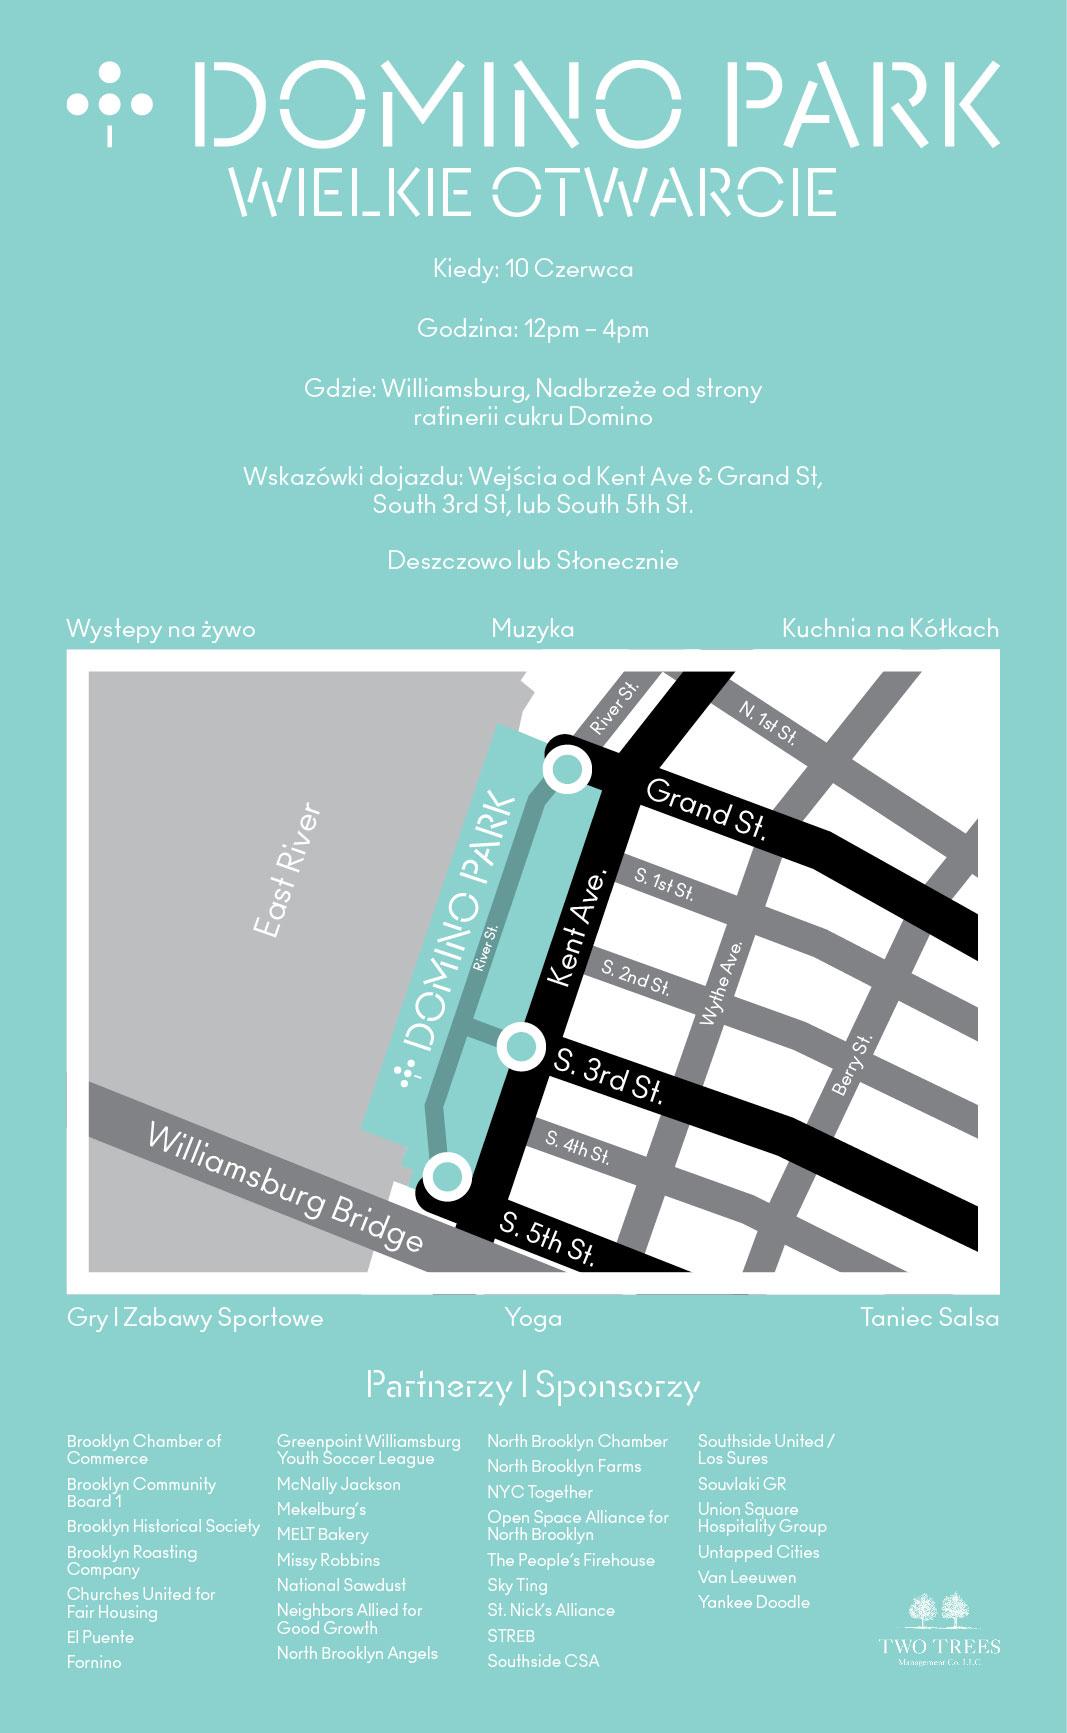 Wielkie Otwarcie Domino Park, Williamsburg, 10 czerwca!